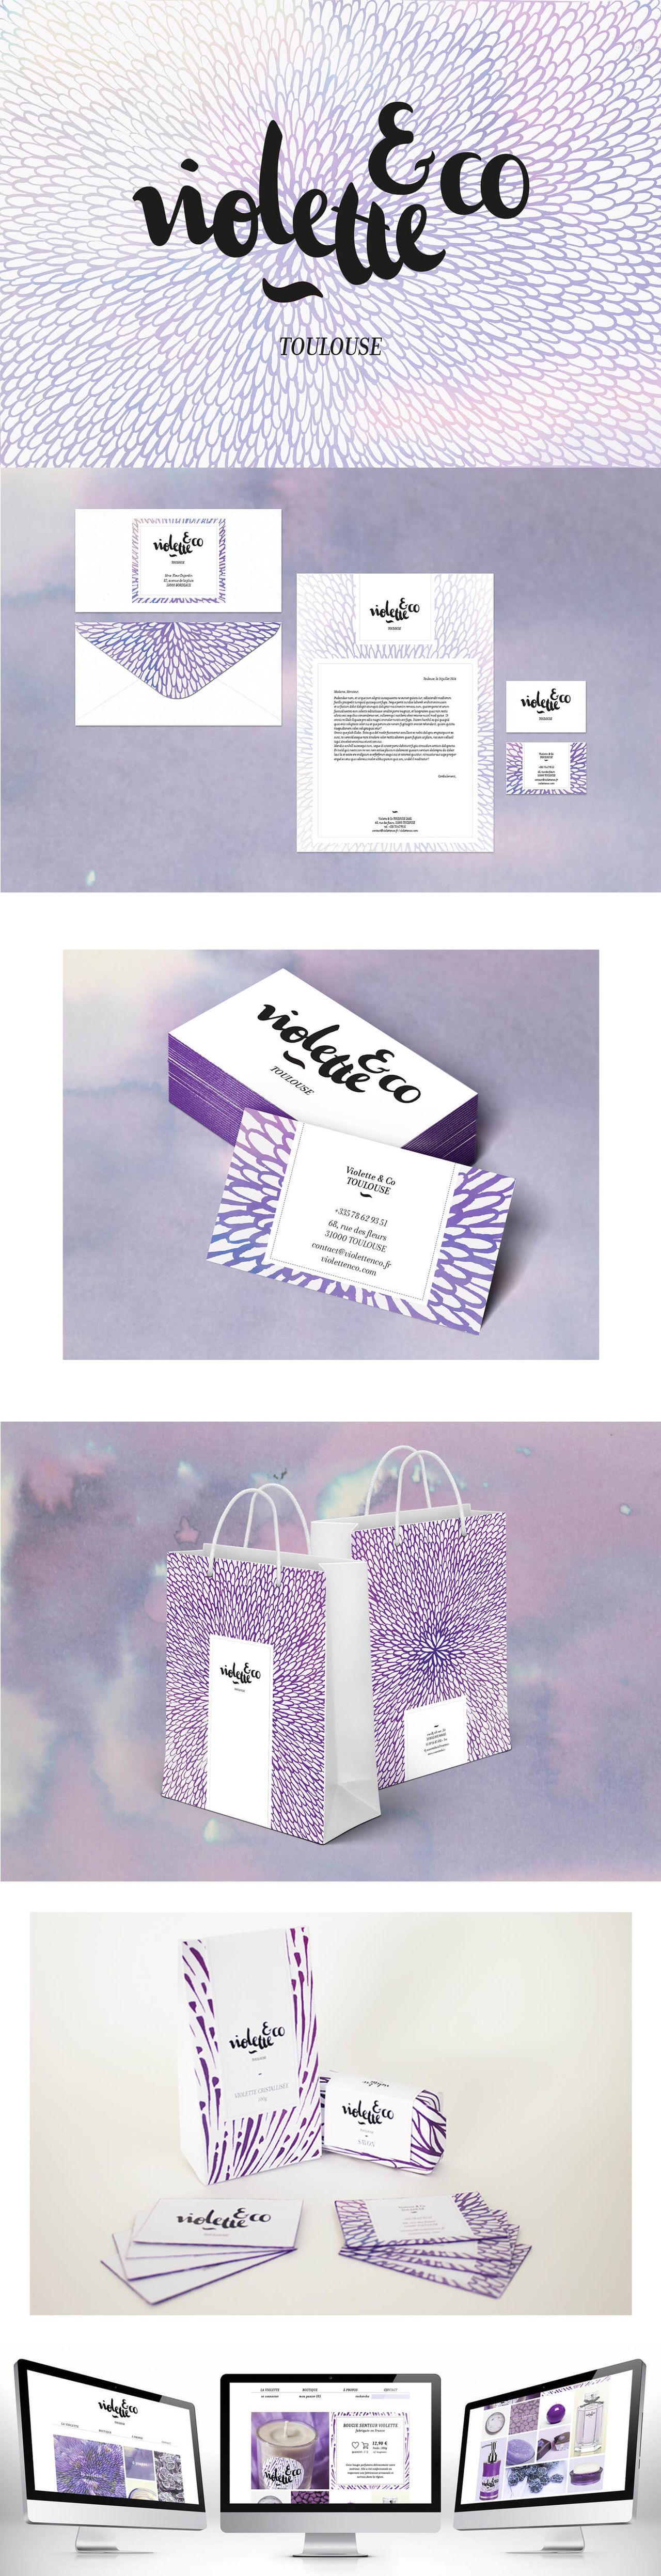 Violette & co • Identité visuelle